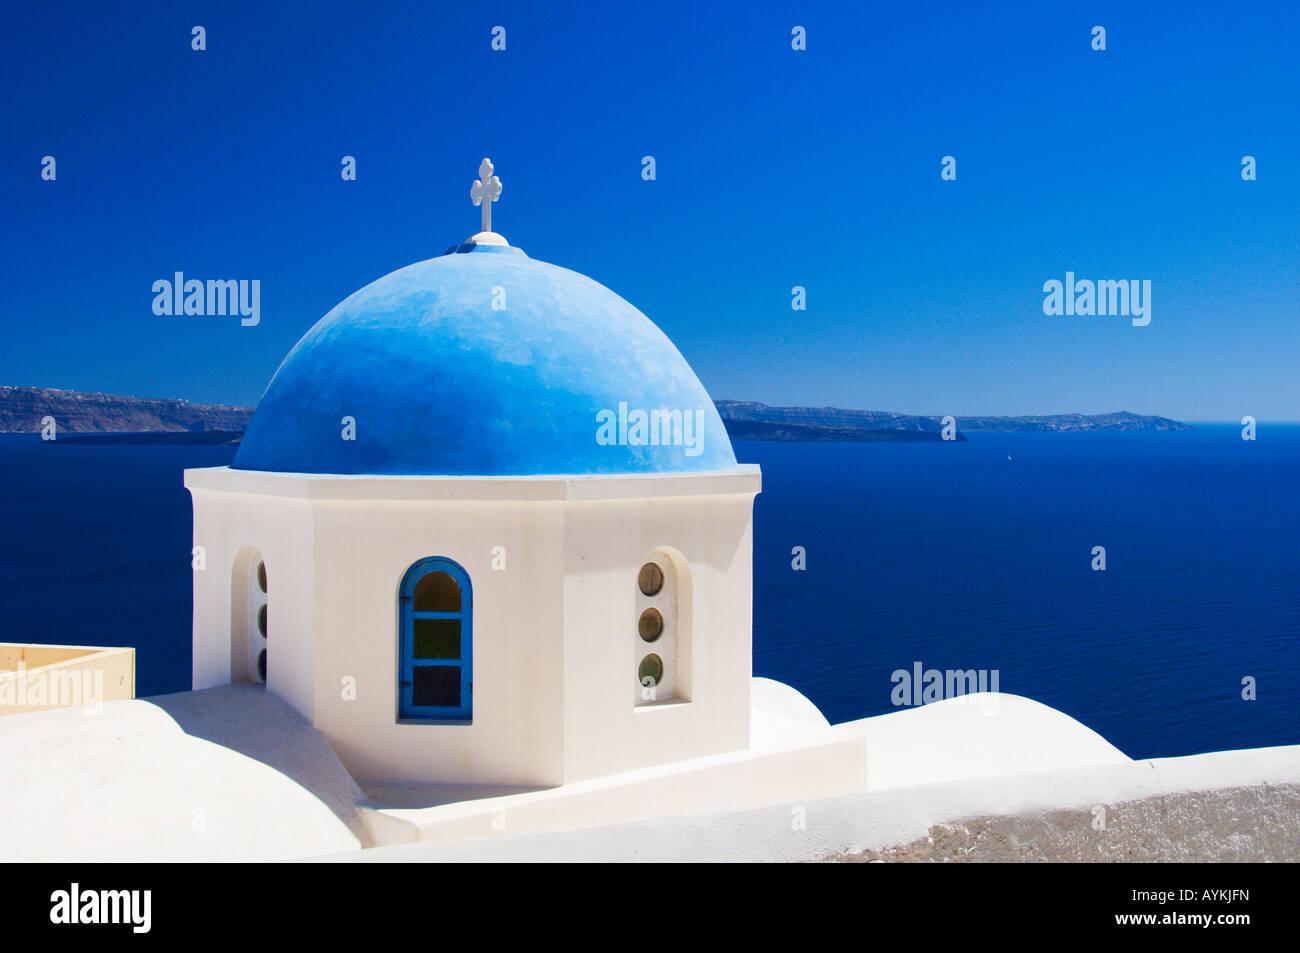 Iglesias con cúpula azul típica en la caldera pendientes de Oia, en la isla griega de Santorini, Grecia Imagen De Stock